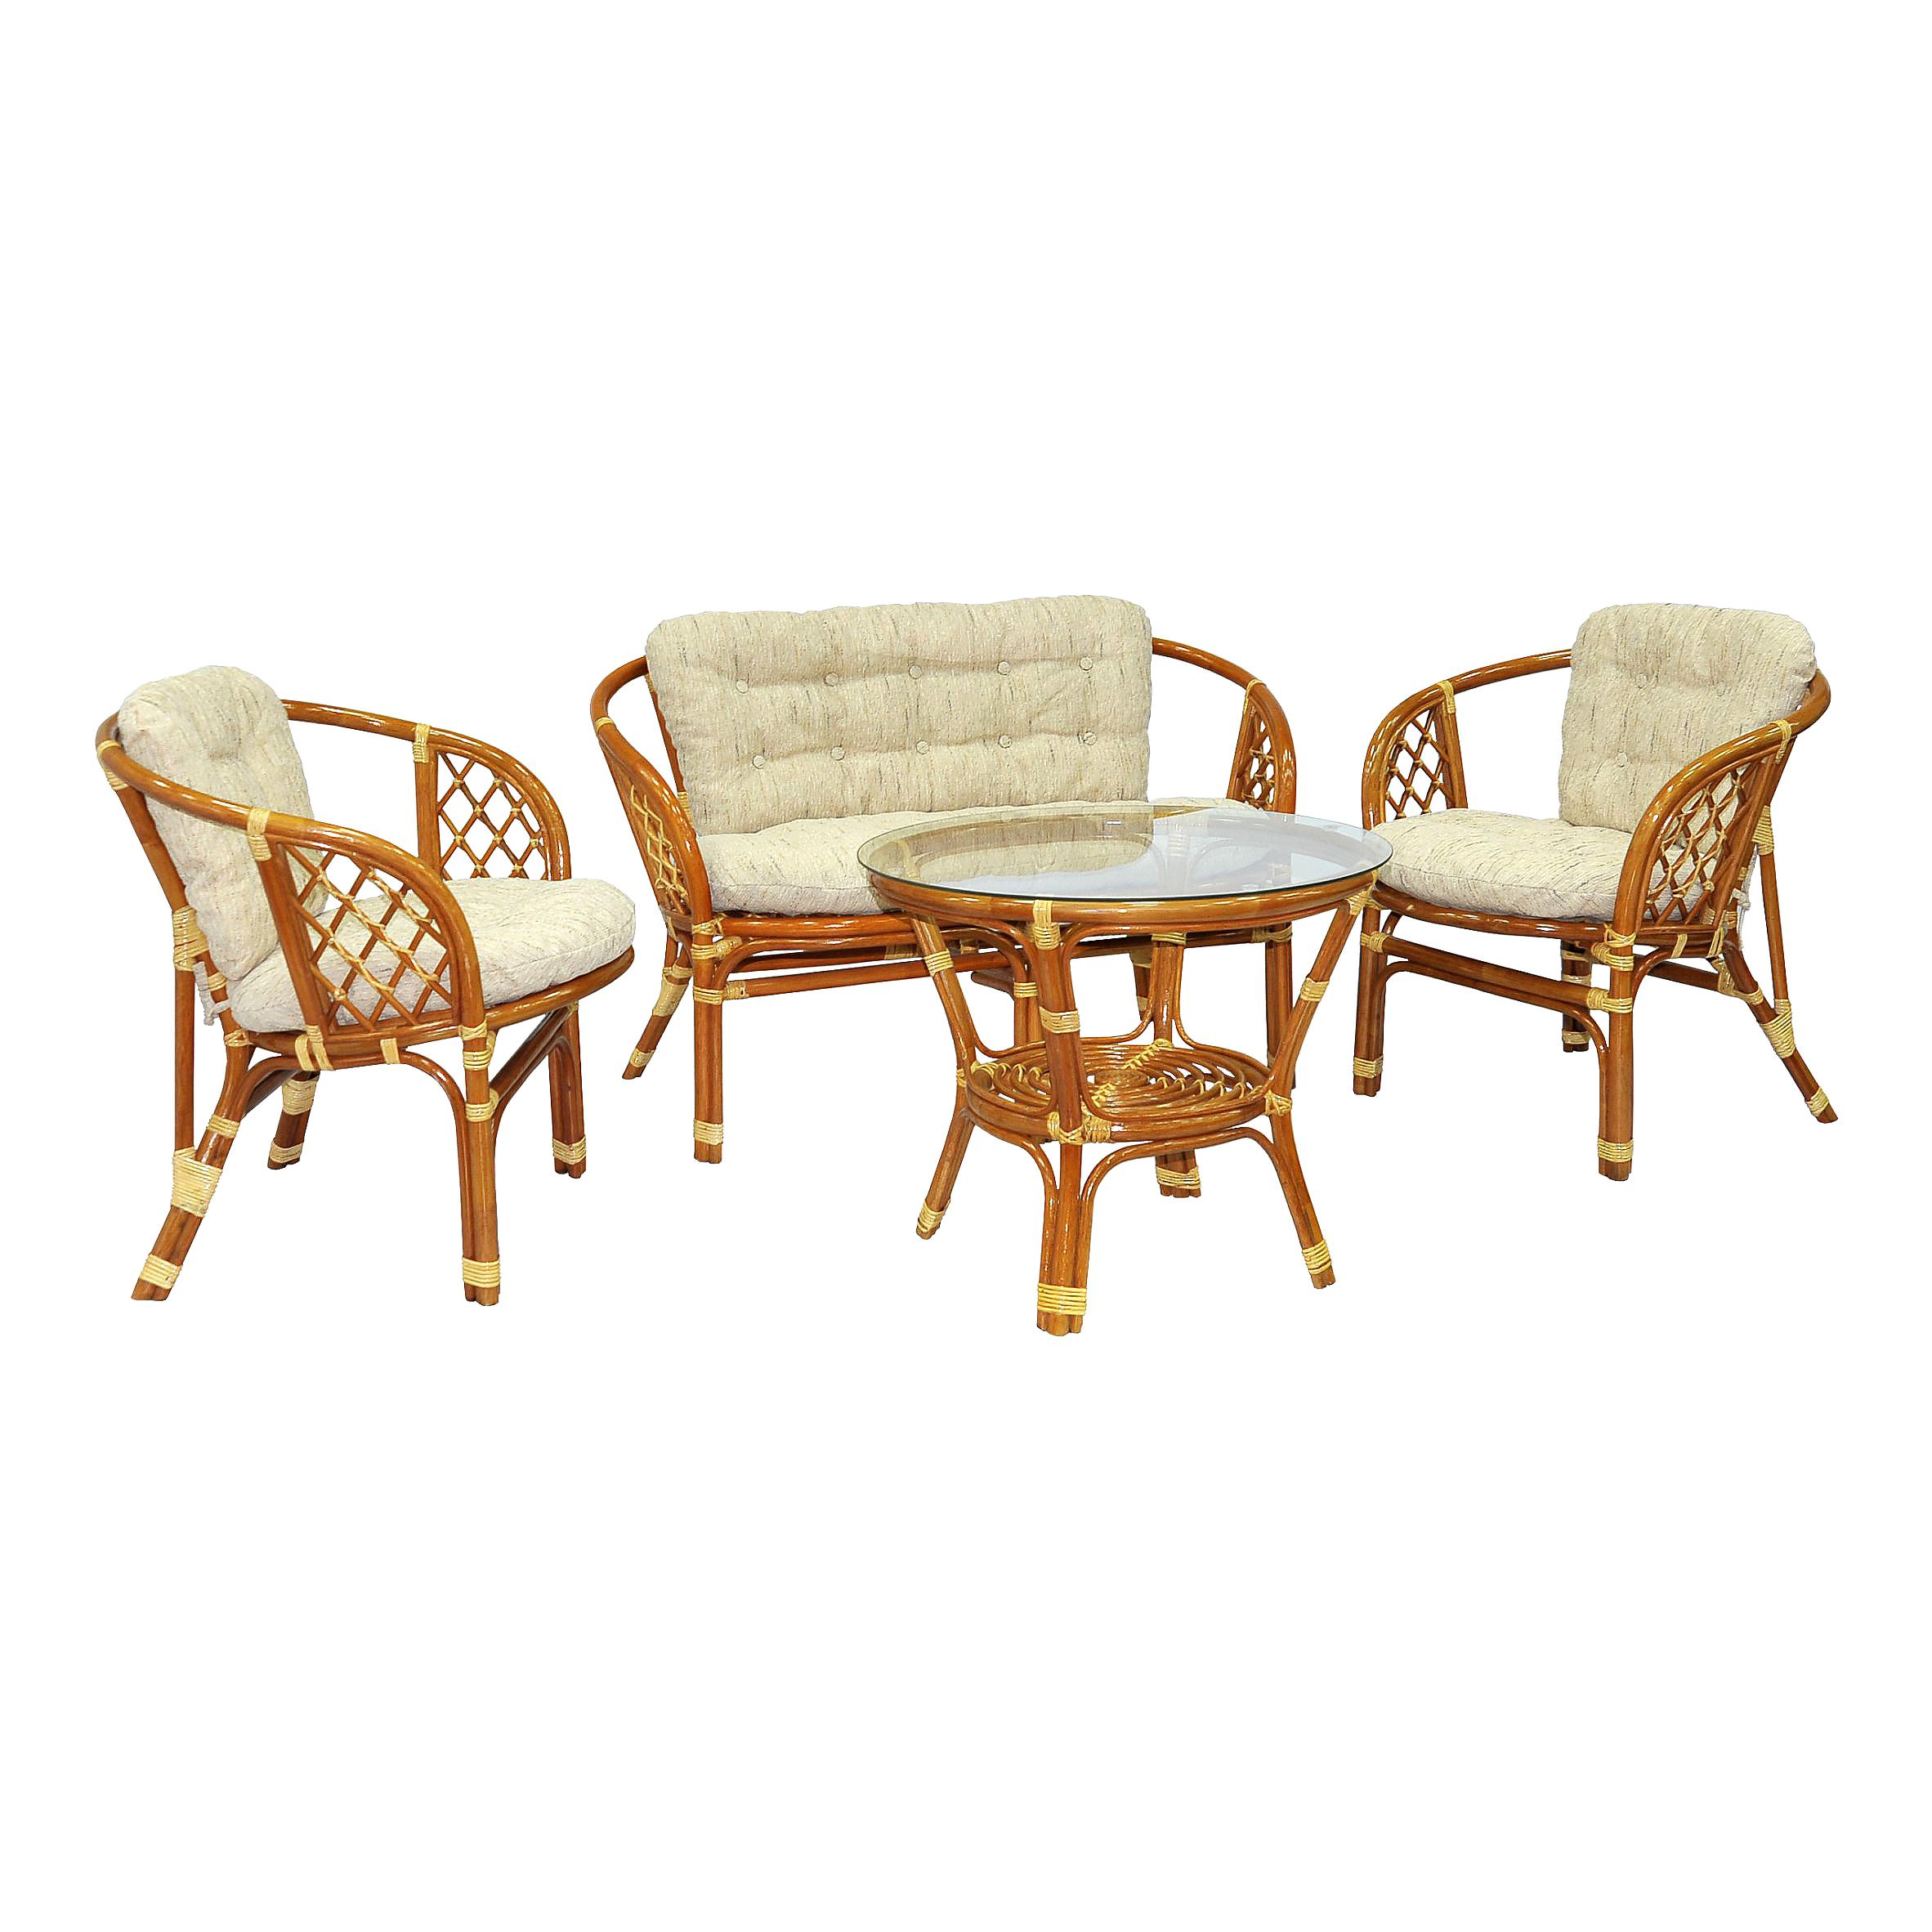 Комплект кофейный БагамаКомплекты уличной мебели<br>Преимуществом данного комплекта  являются широкие и удобные кресла.<br>В комплект входят два кресла, диван, мягкие подушки (на спинку и сидение), столик со стеклом на присосках.&amp;amp;nbsp;&amp;lt;div&amp;gt;&amp;lt;br&amp;gt;&amp;lt;/div&amp;gt;&amp;lt;div&amp;gt;Материал каркаса:  натуральный ротанг&amp;lt;/div&amp;gt;&amp;lt;div&amp;gt;Цвет:  коньячный&amp;lt;/div&amp;gt;&amp;lt;div&amp;gt;Мягкая обивка/подушка:  ткань рогожка&amp;lt;/div&amp;gt;&amp;lt;div&amp;gt;Размер: столик со стеклом 68х56х68 см, кресло 72х65х75 см,  диван 120х65х75 см&amp;amp;nbsp;&amp;lt;/div&amp;gt;&amp;lt;div&amp;gt;Выдерживаемая нагрузка, кг:  90&amp;lt;/div&amp;gt;<br><br>Material: Ротанг<br>Ширина см: 120<br>Высота см: 65<br>Глубина см: 75